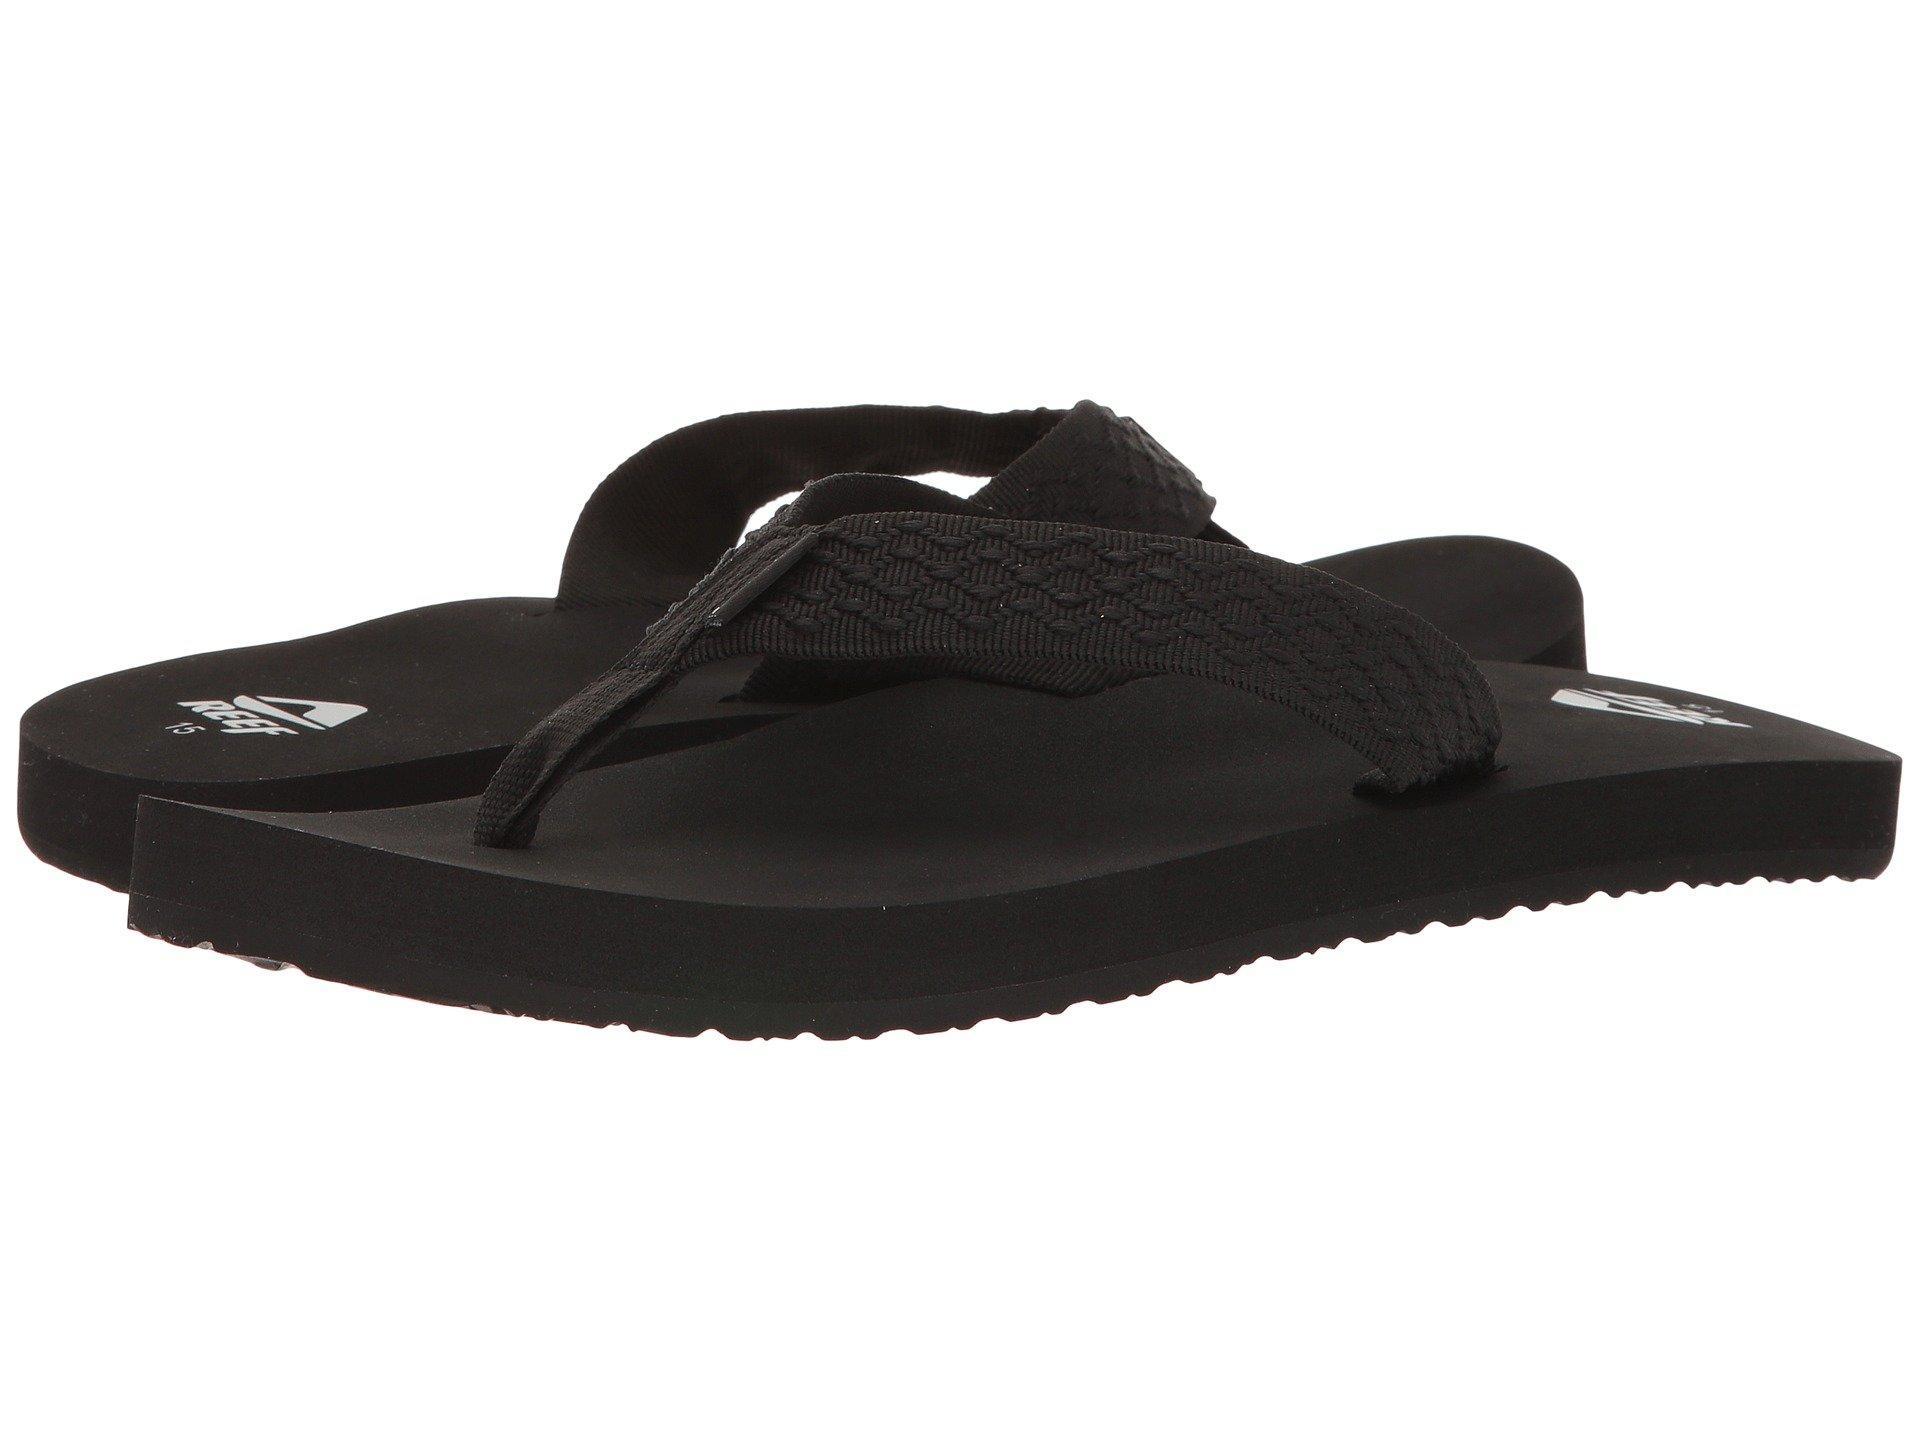 c9d67b2fe809 Lyst - Reef Smoothy (vintage Blue) Men s Sandals in Black for Men